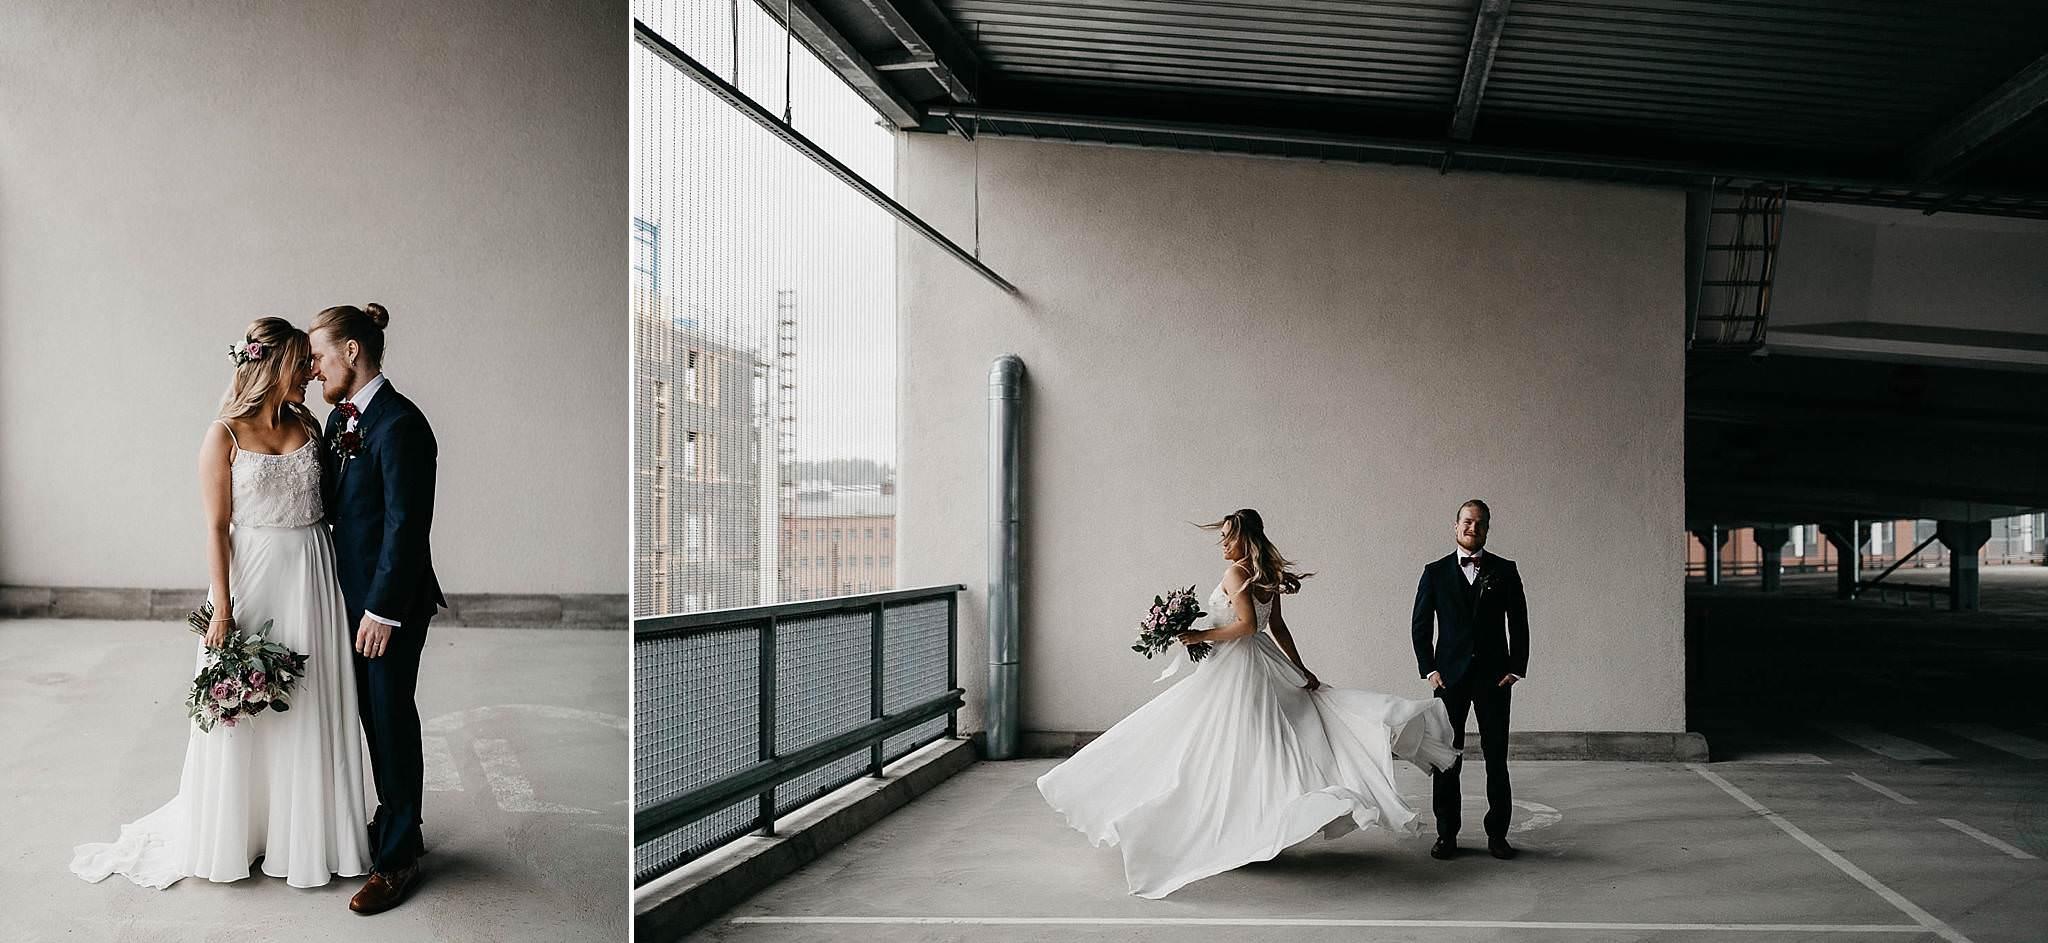 Haakuvaus_wedding_jyvaskyla_muurame_tuomiston_tila_0154.jpg